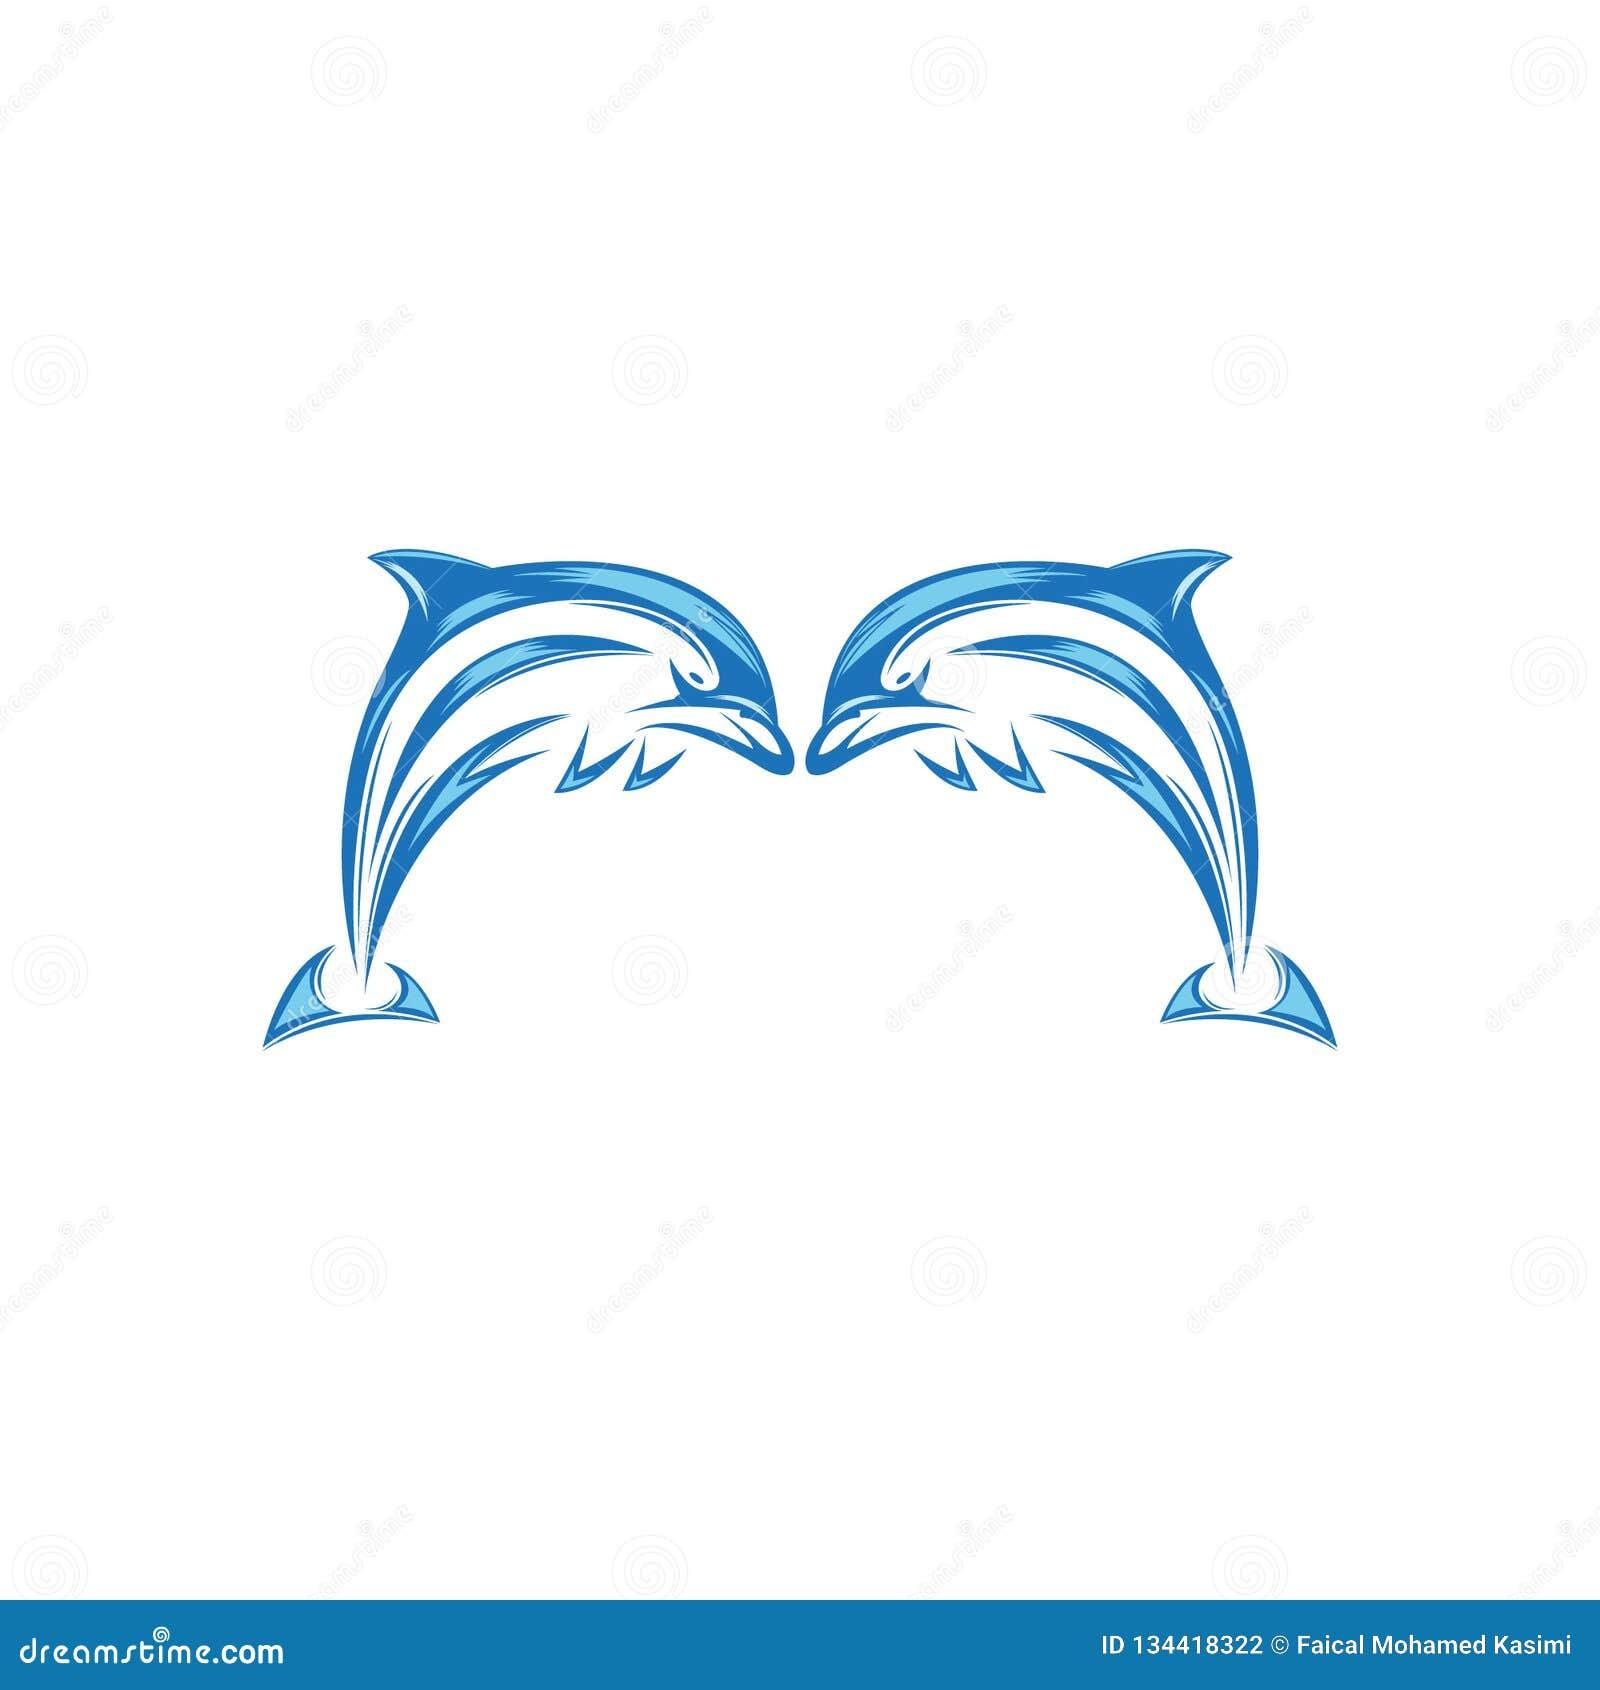 Дизайн логотипа дельфина 2019 Новых Годов